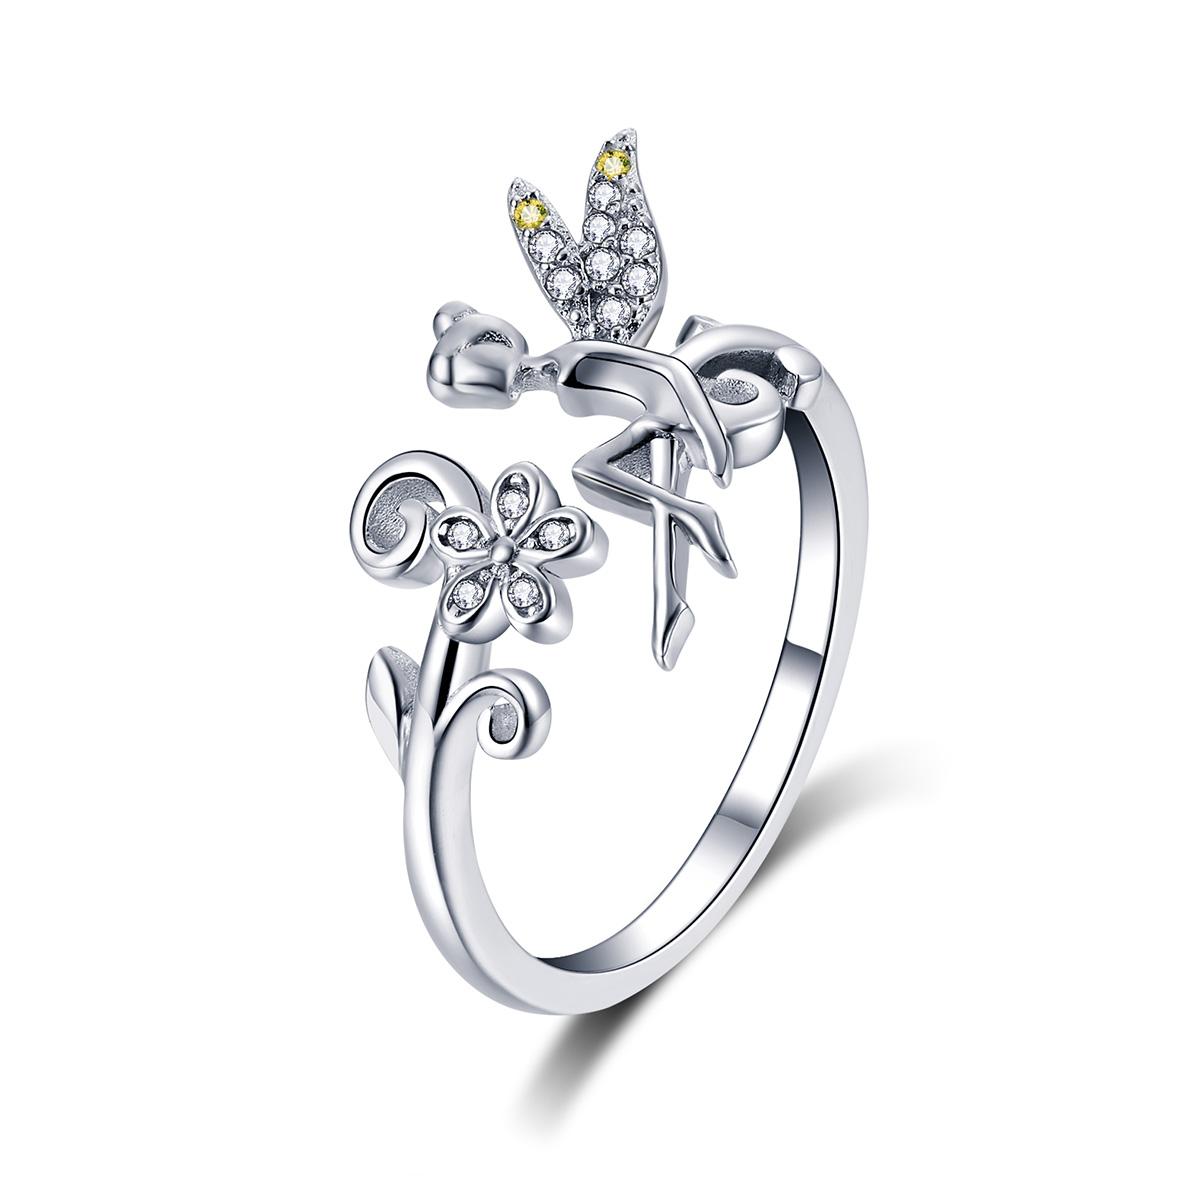 OLIVIE Strieborný prsteň LESNÍ VÍLA 4242 Ag 925; ≤2,5 g.